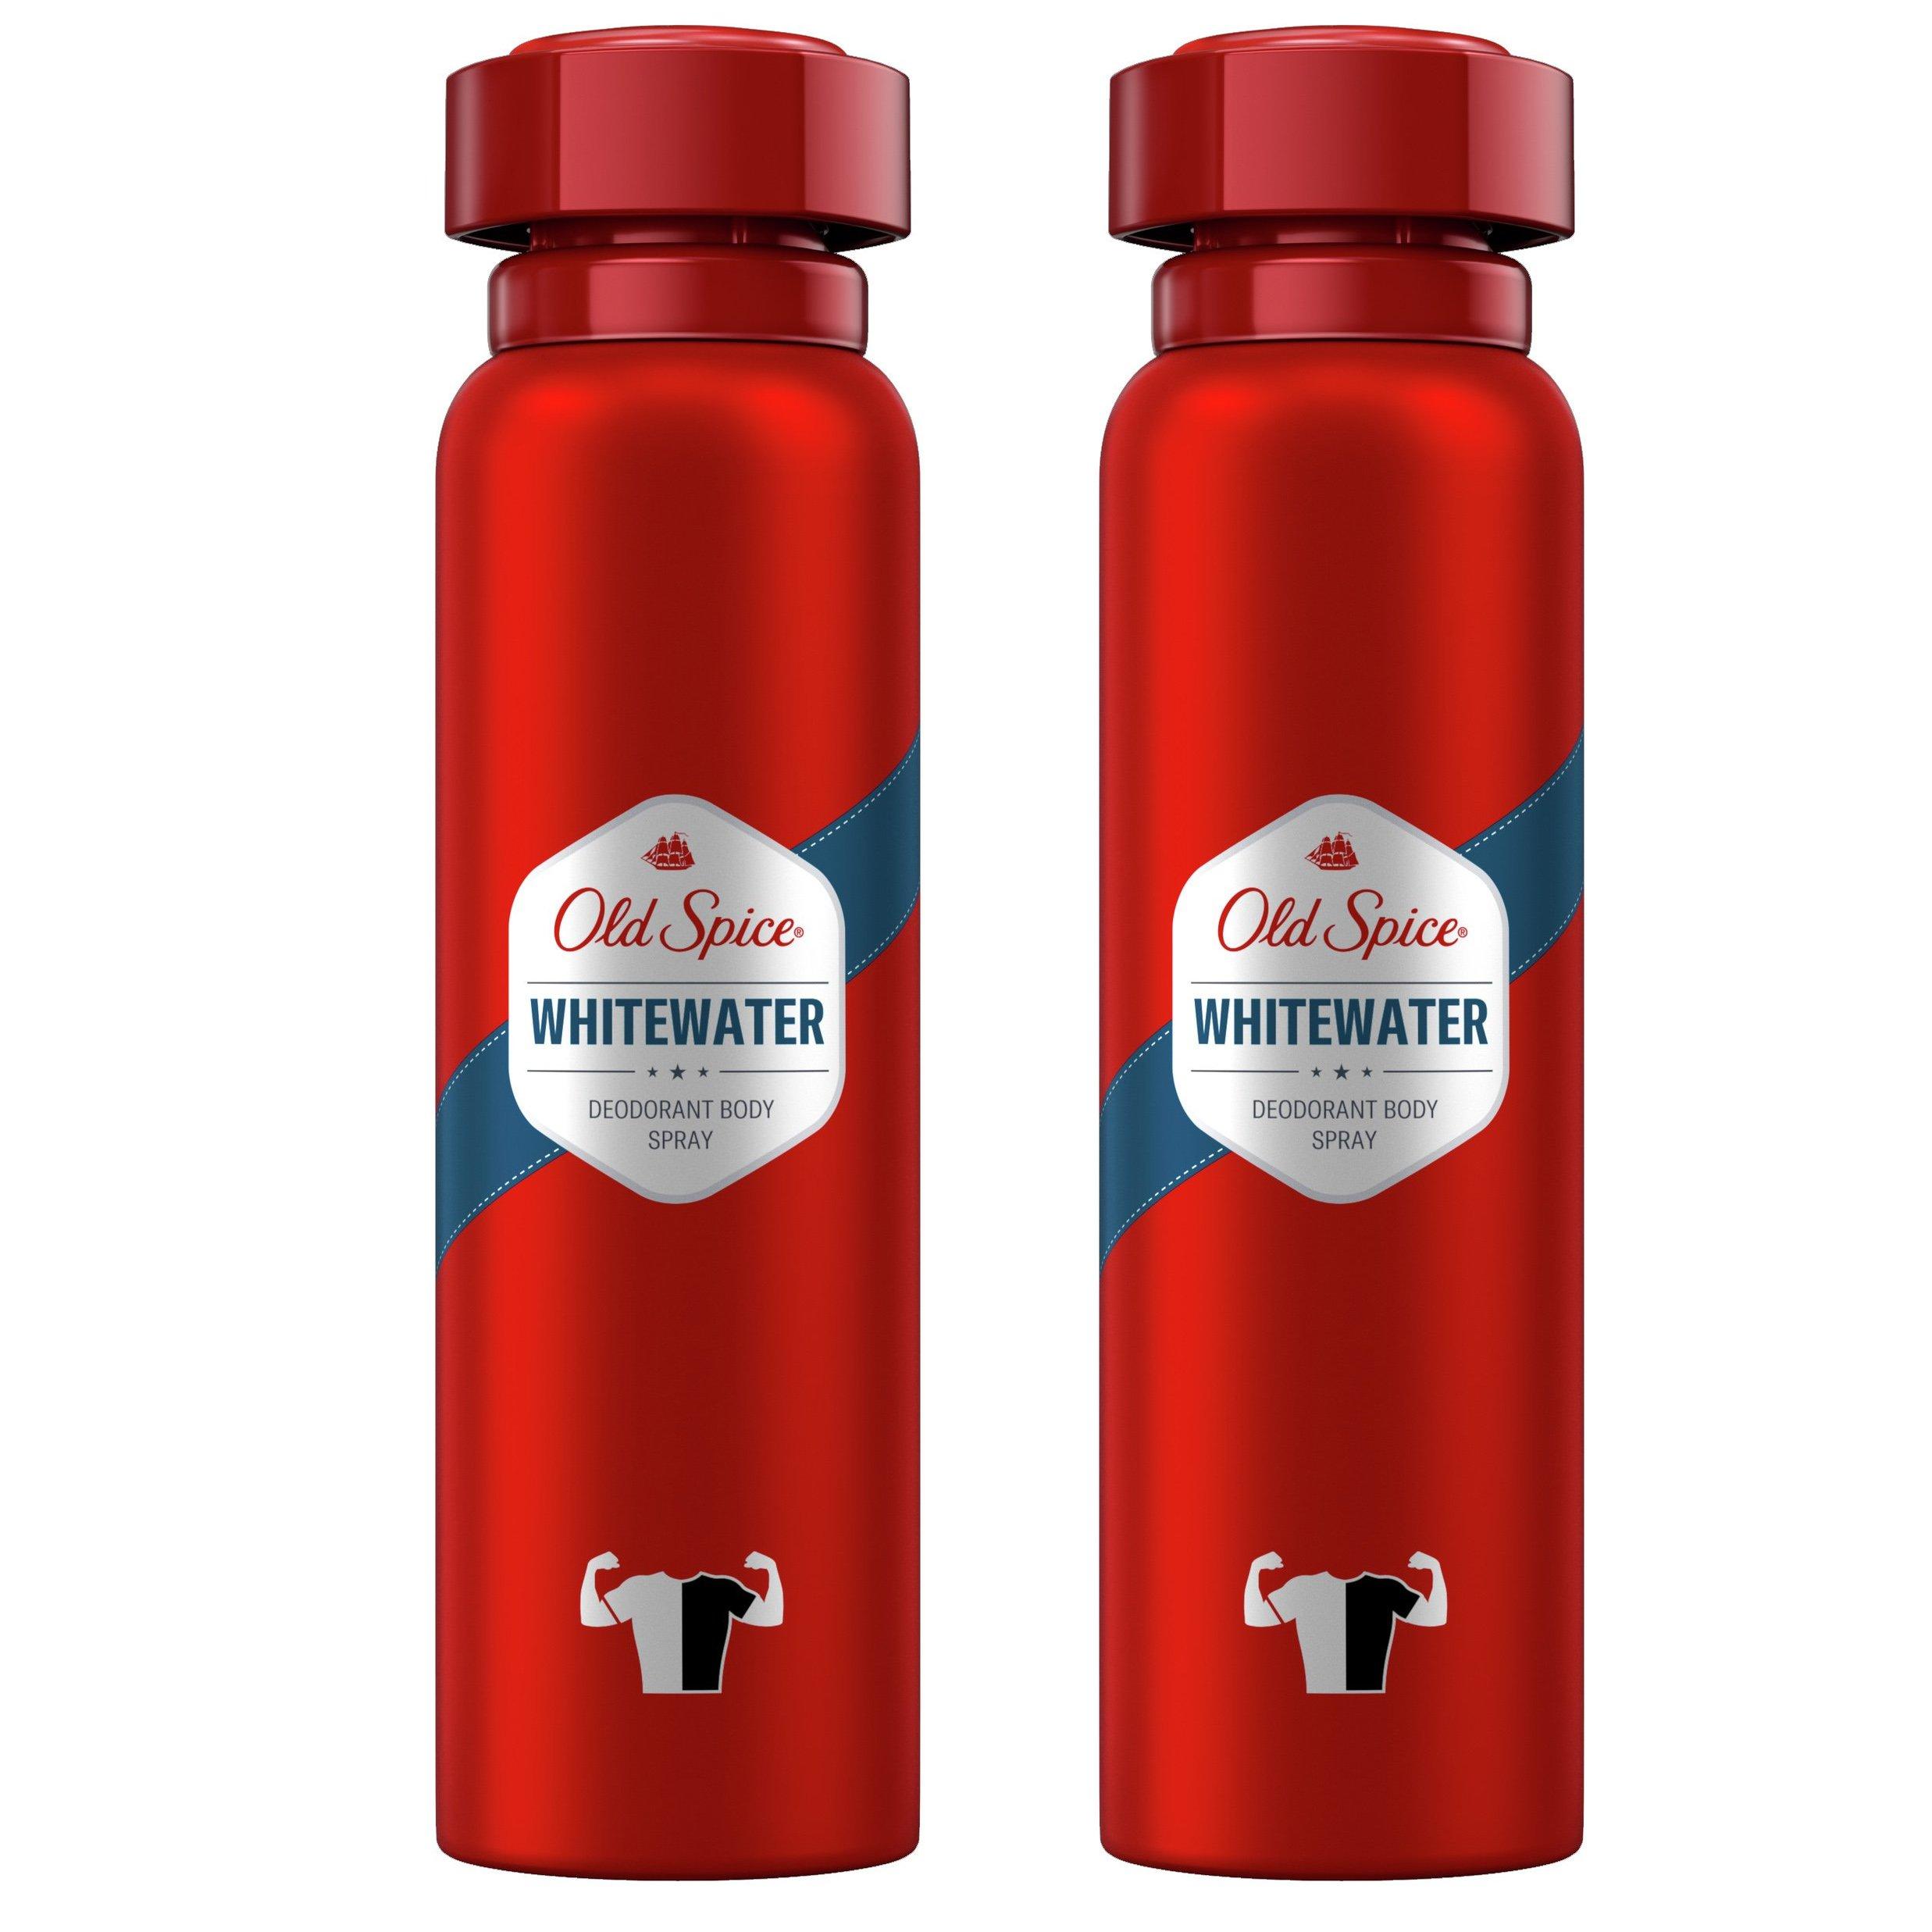 Old Spice Πακέτο Προσφοράς Whitewater Deodorant Body Spray 2x150ml,Αντιδρωτικό & Αποσμητικό Spray Σώματος για Άντρες